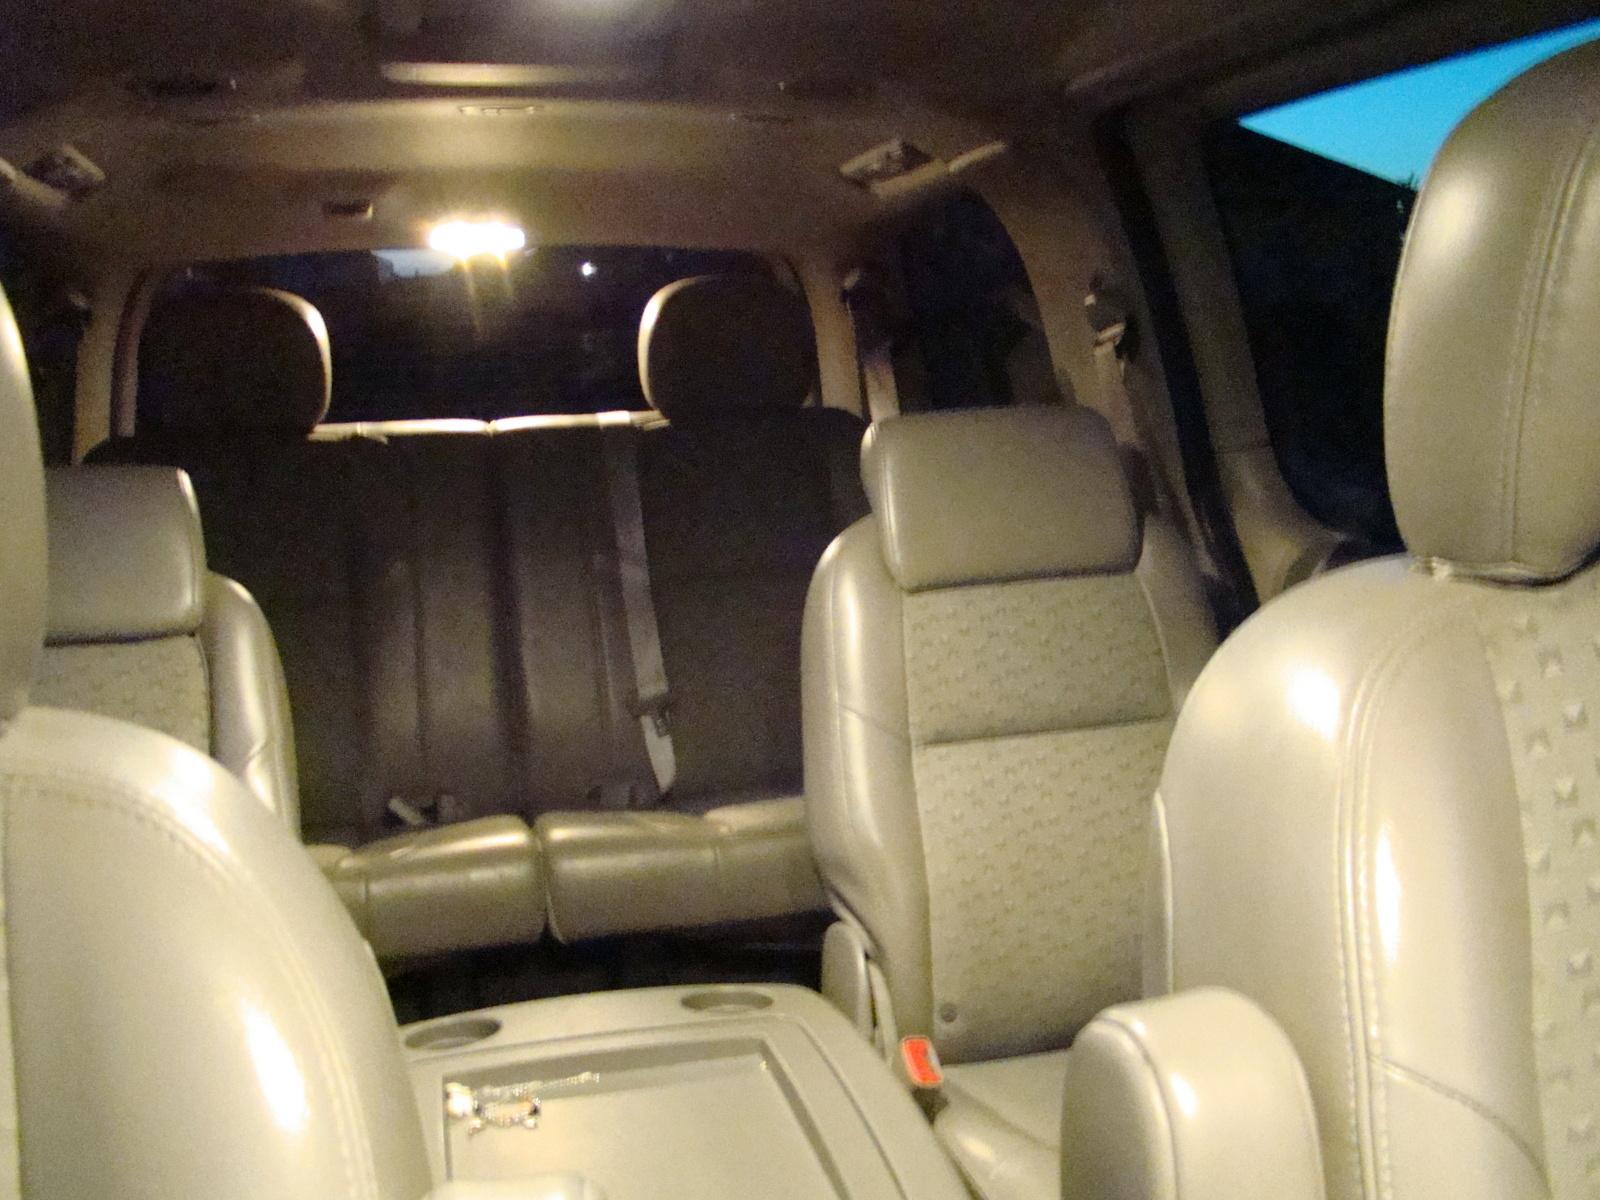 2006 Chevrolet Uplander Pictures Cargurus